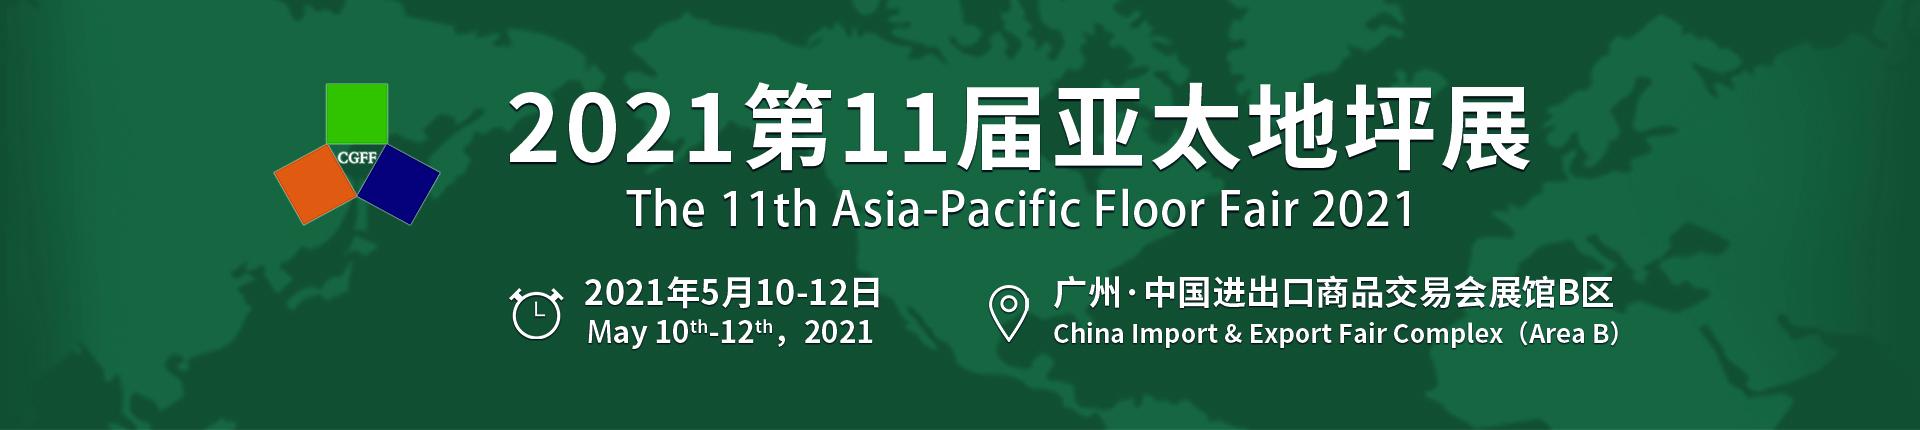 2021云上•第11届亚太地坪展